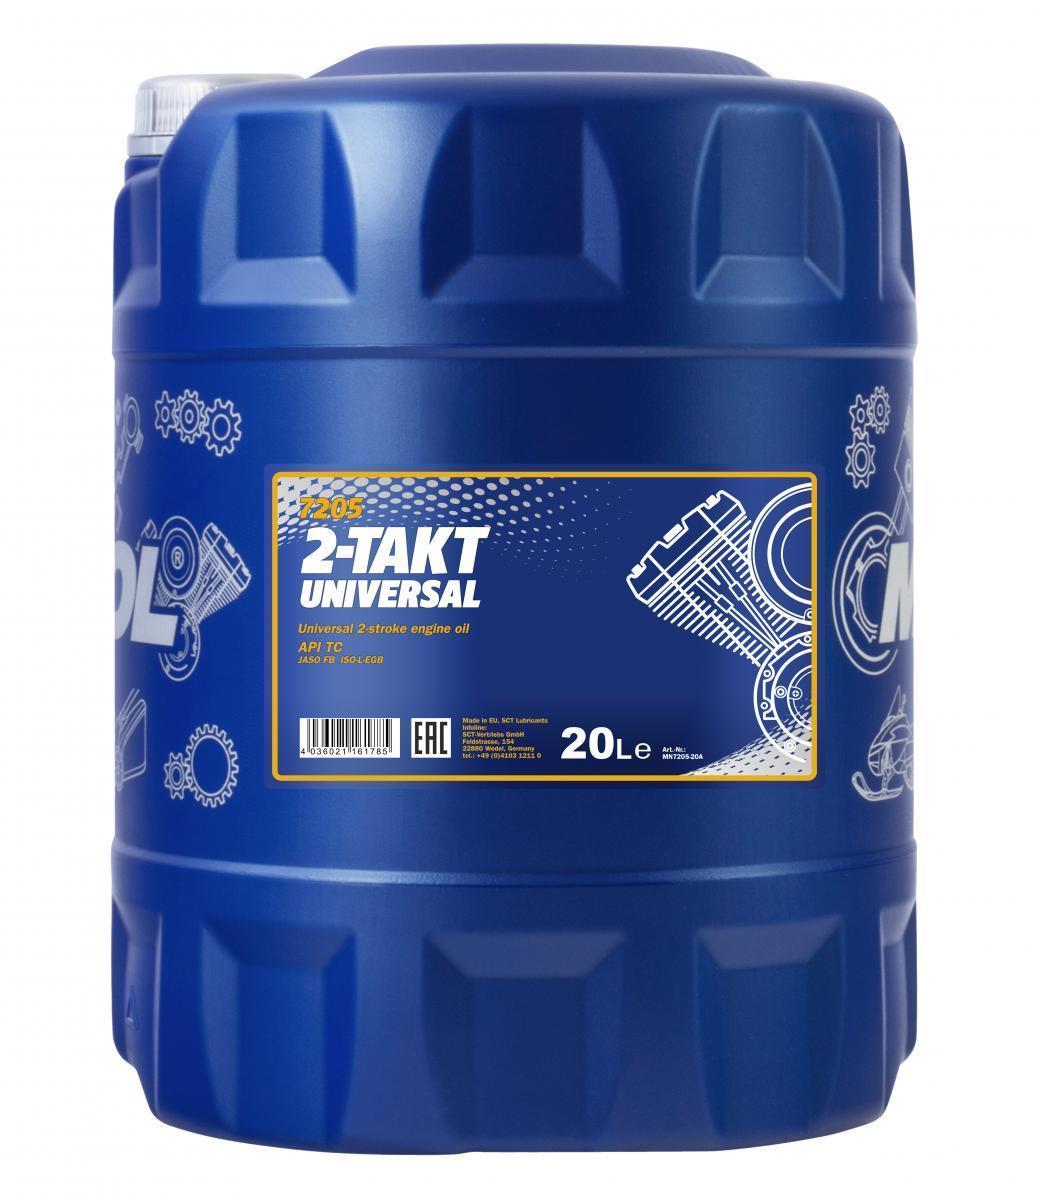 Olej silnikowy MN7205-20 w niskiej cenie — kupić teraz!